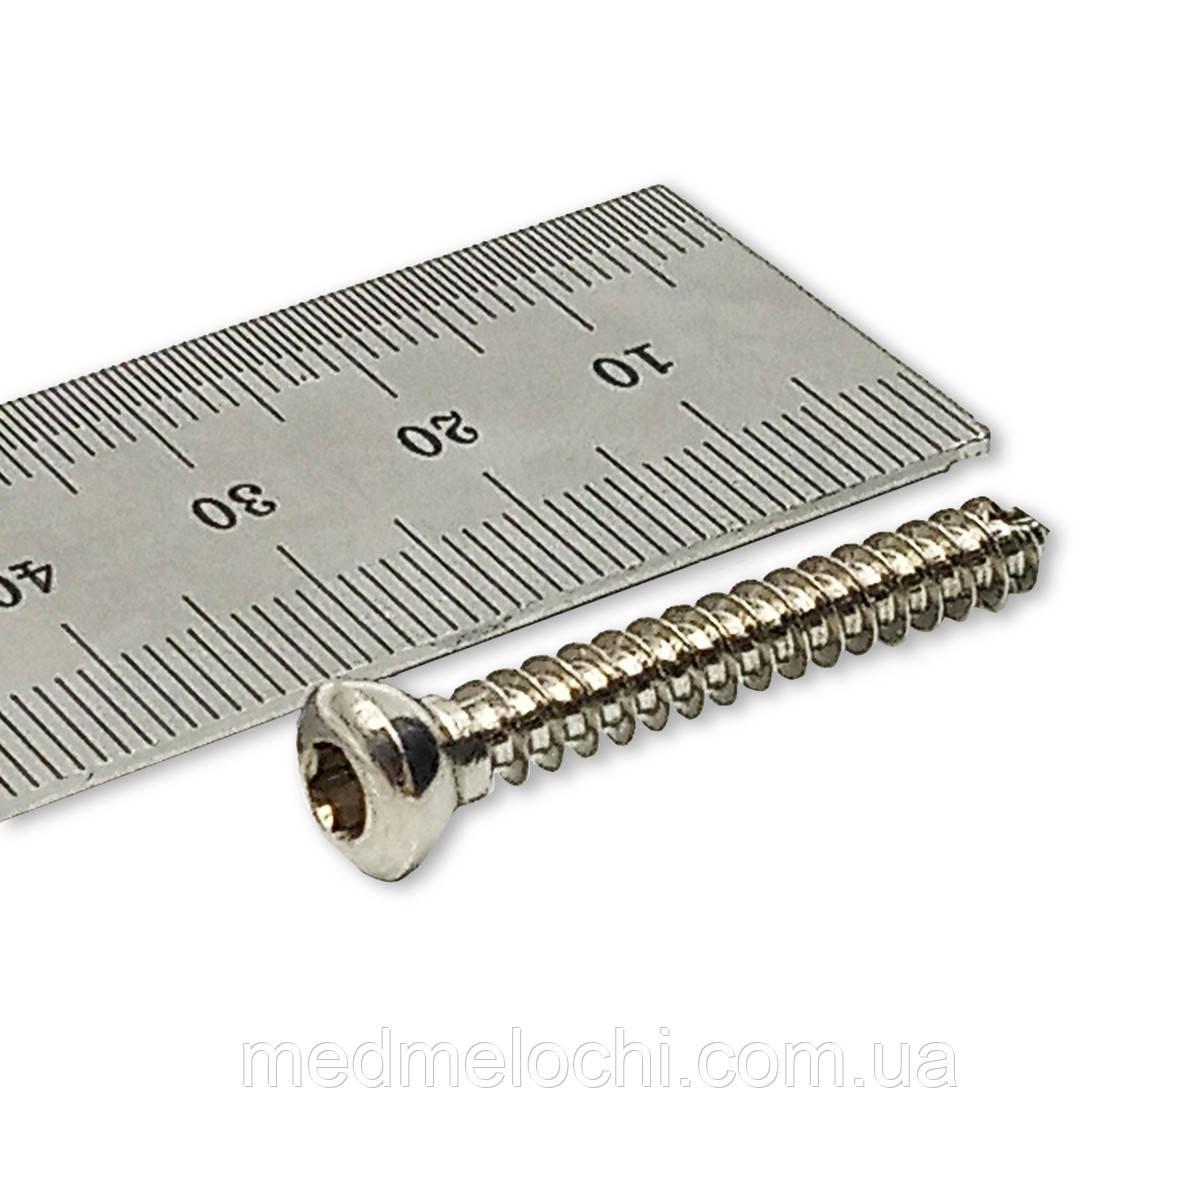 Гвинт кортикальний D=4,5мм, 36мм